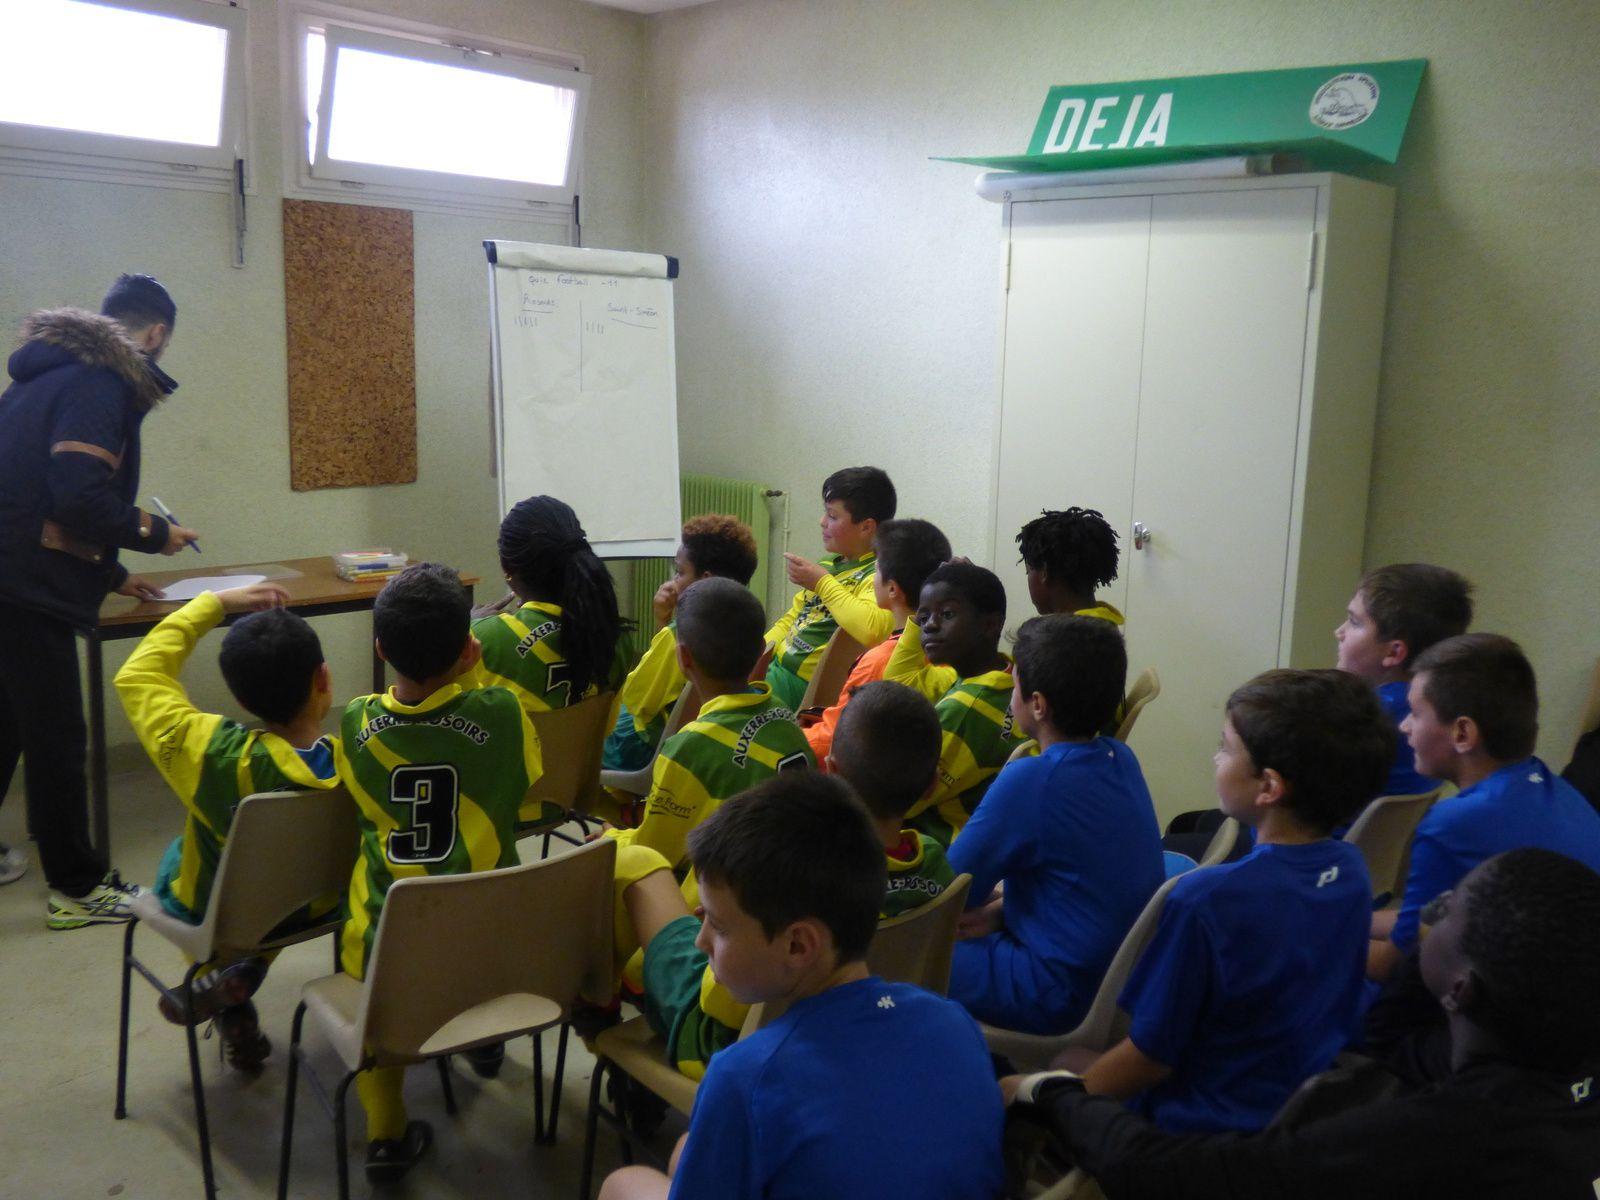 """Interclub avec AS St Siméon avec deux ateliers éducatifs """"Comment bien préparer son sac de foot """" pour les U7 U9 et un quizz pour les U11 animés par Hicham et Jordan, nos deux services civiques"""